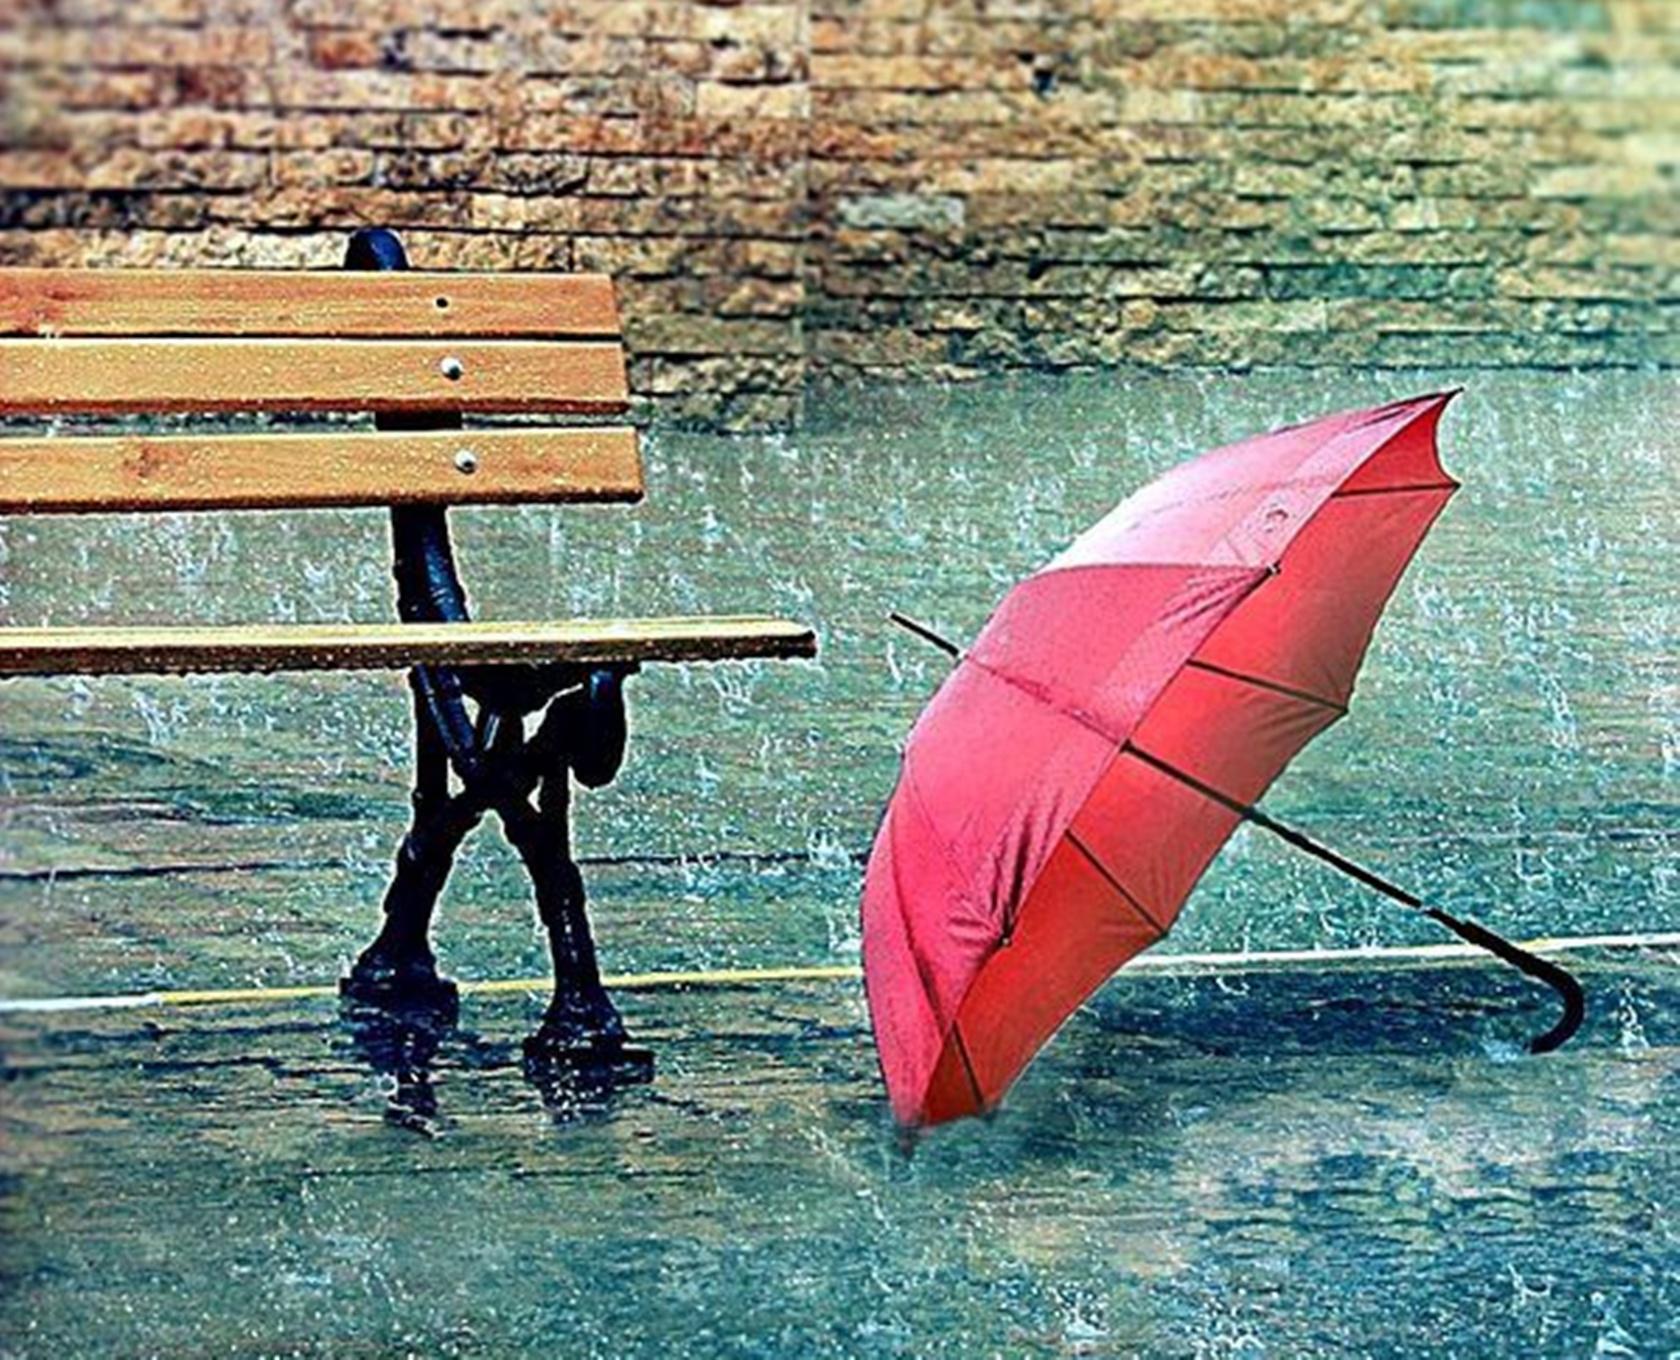 hacker wallpapers rainy day - photo #30